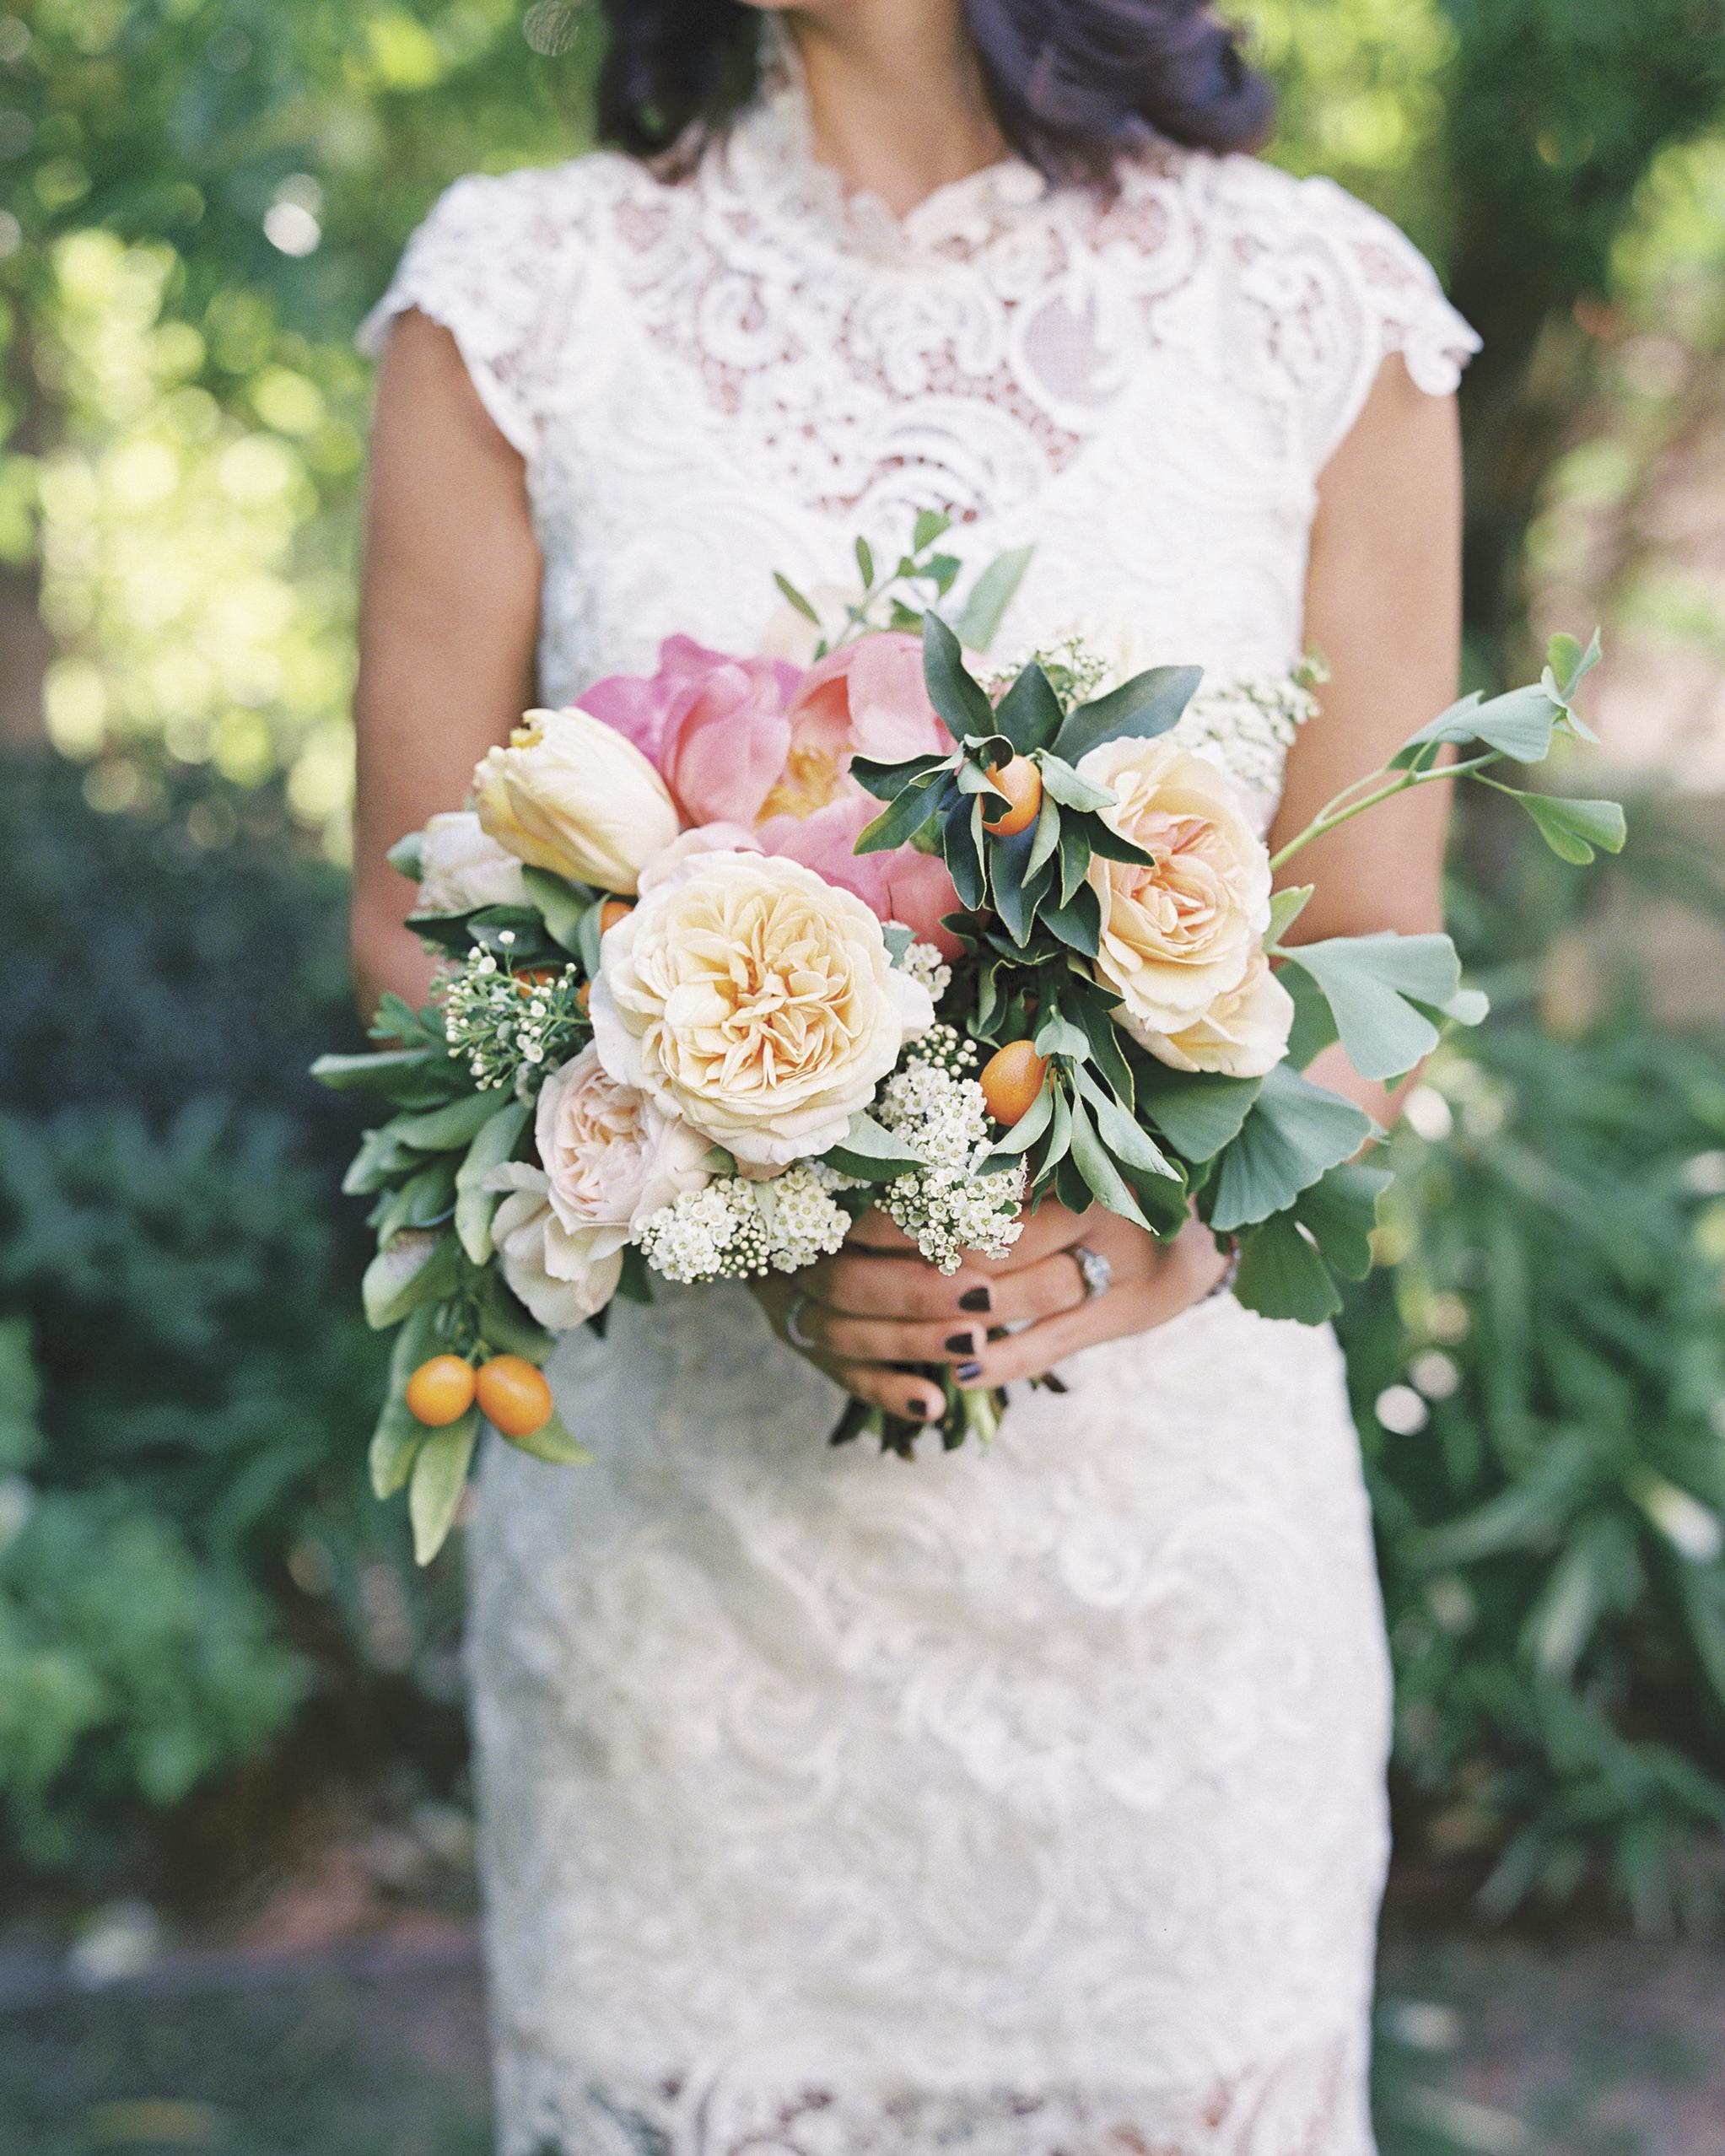 jackie-jason-wedding-palm-springs-0169-s111819.jpg